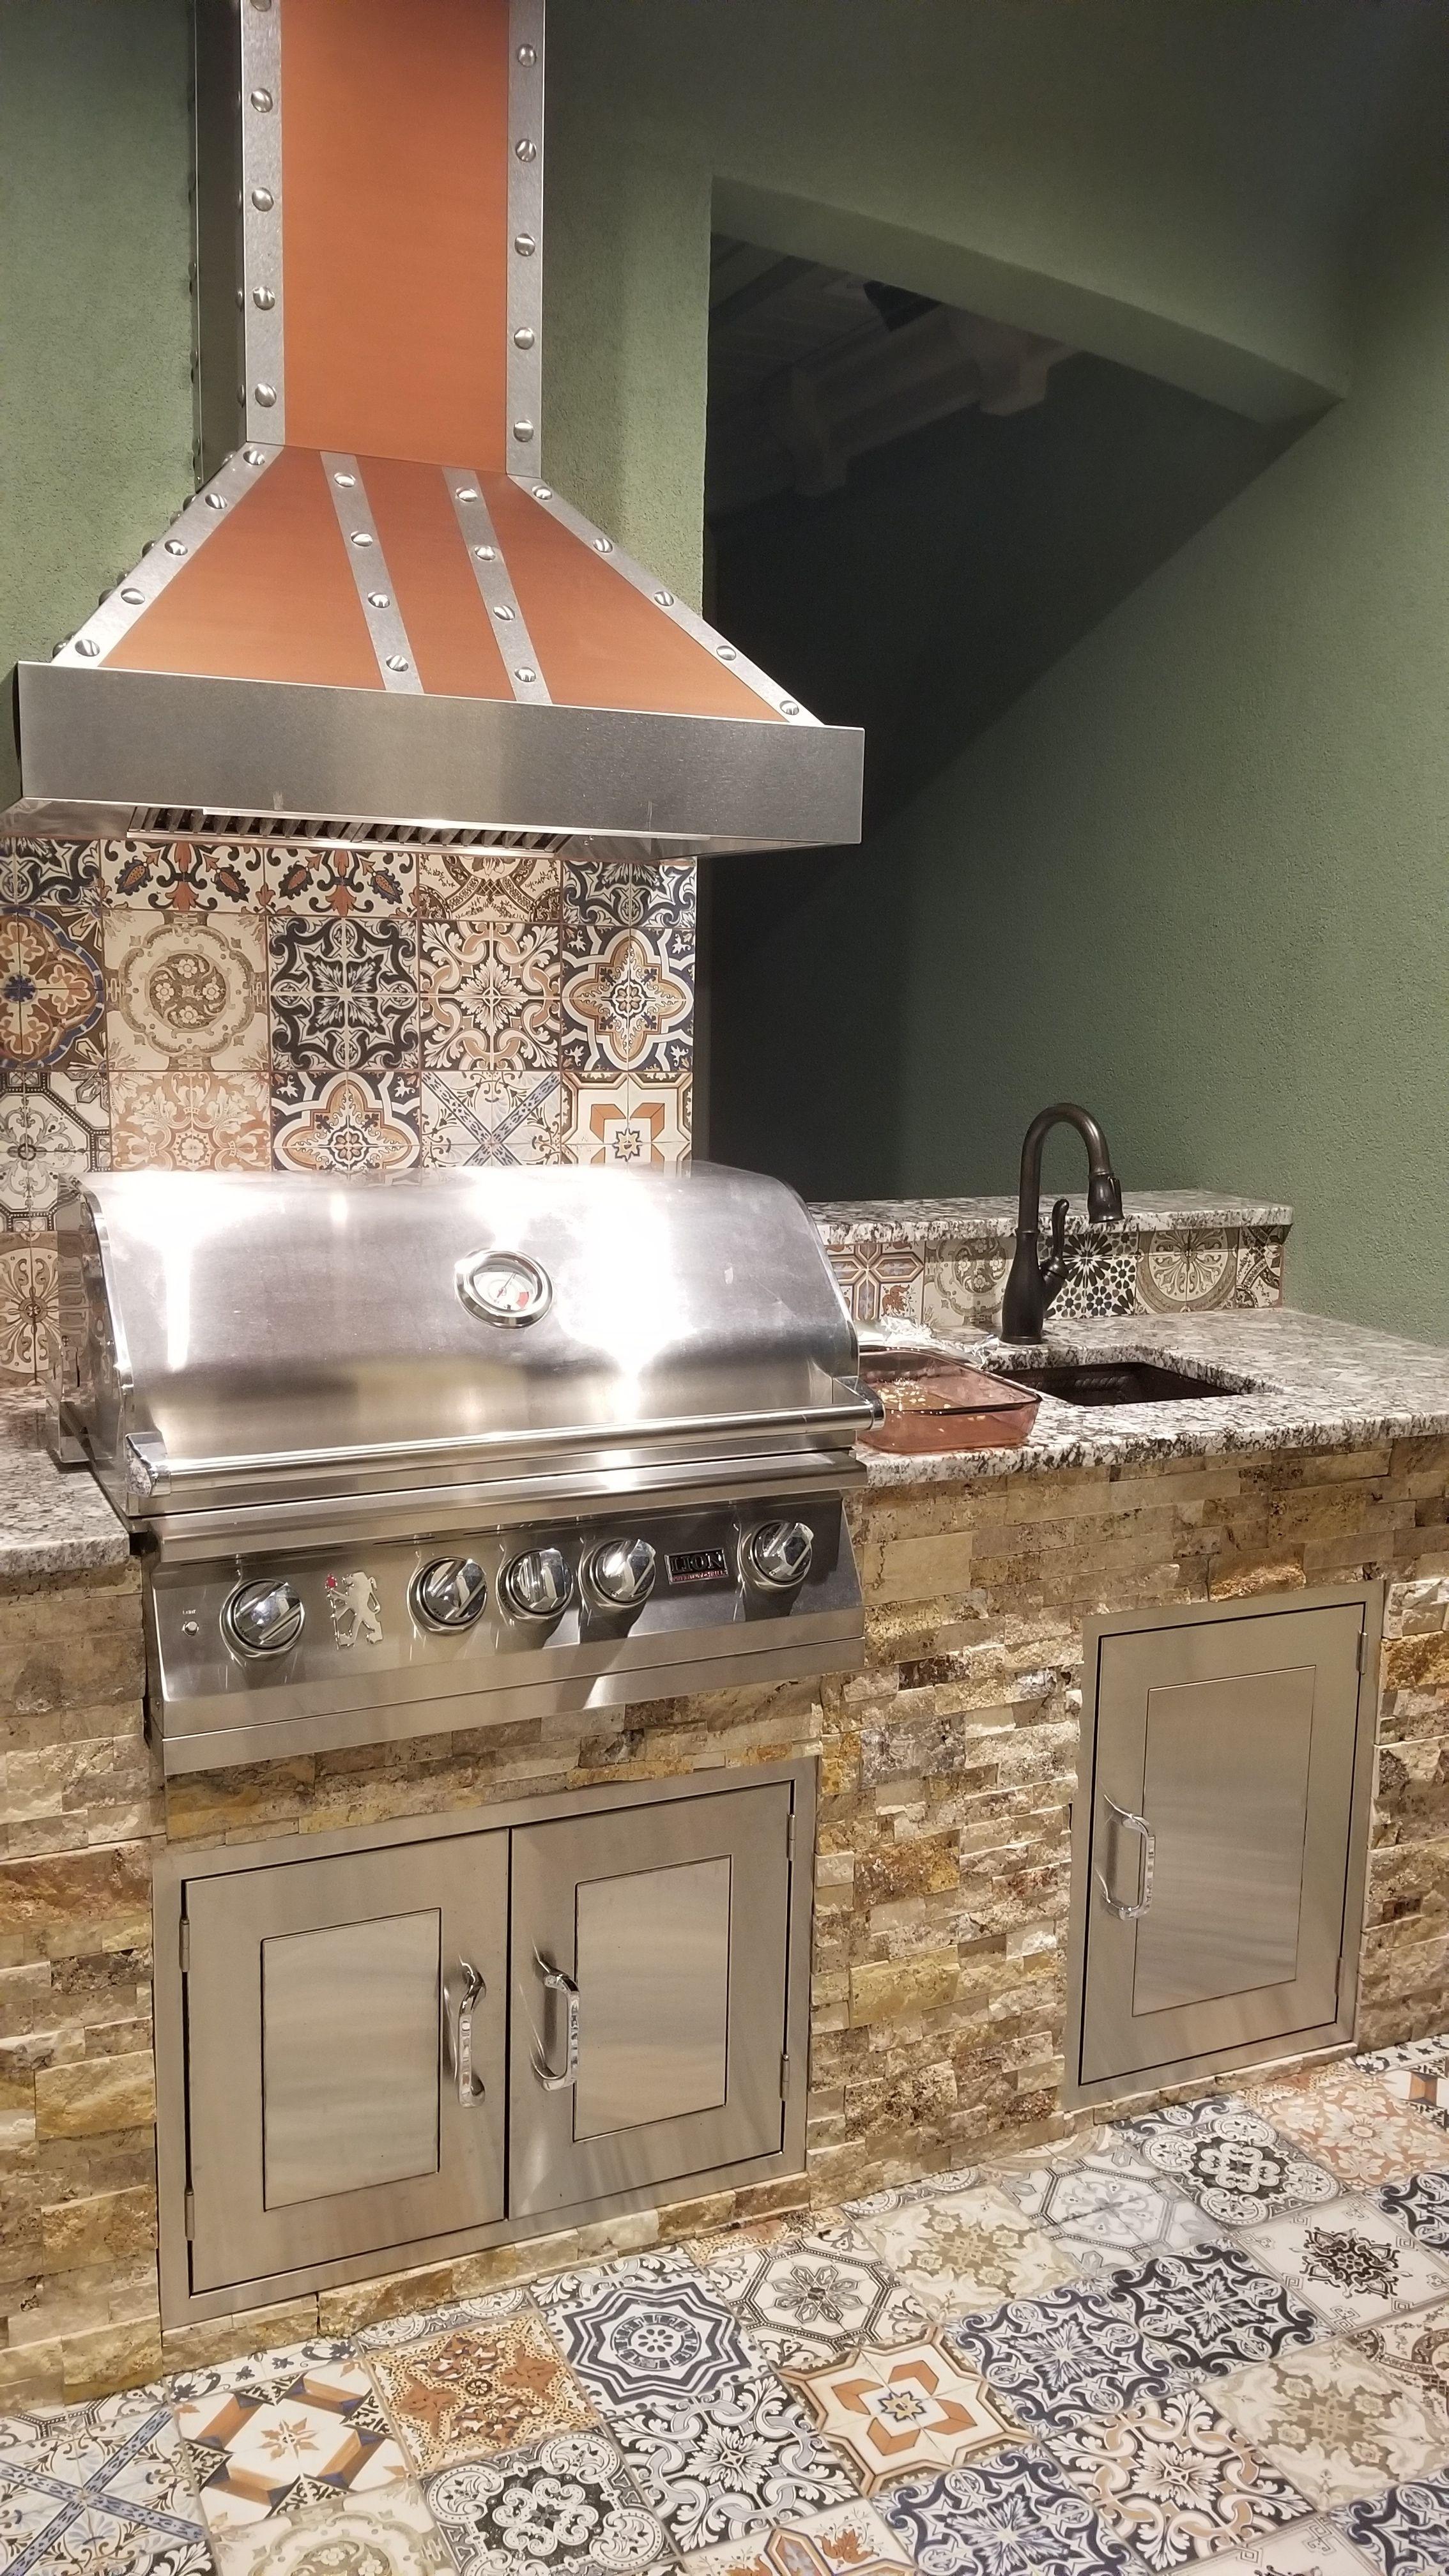 Zline 30 Designer Series Copper Finish Wall Range Hood Kb2 Cssxs 30 Luxury Outdoor Kitchen Outdoor Kitchen Kitchen Design Open